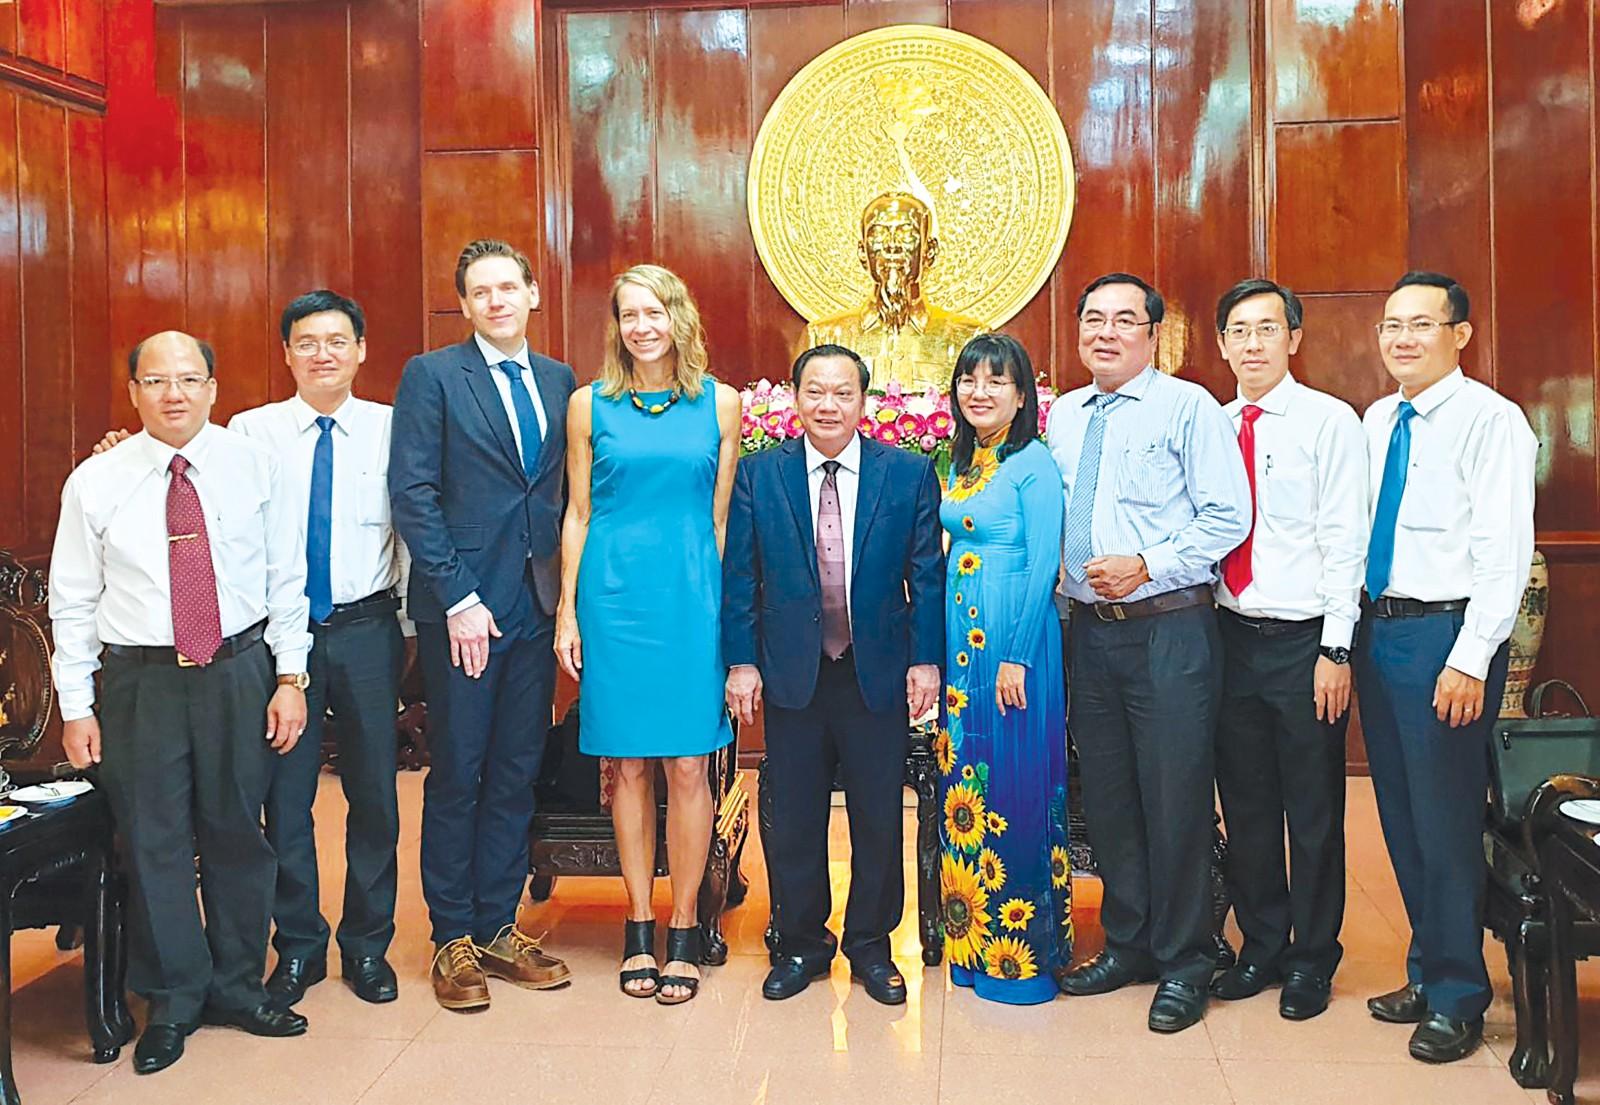 Bà Mary Tarnowka, Tổng Lãnh sự Hoa Kỳ tại TP Hồ Chí Minh chụp ảnh lưu niệm với lãnh đạo TP Cần Thơ. Ảnh: Hồng Vân